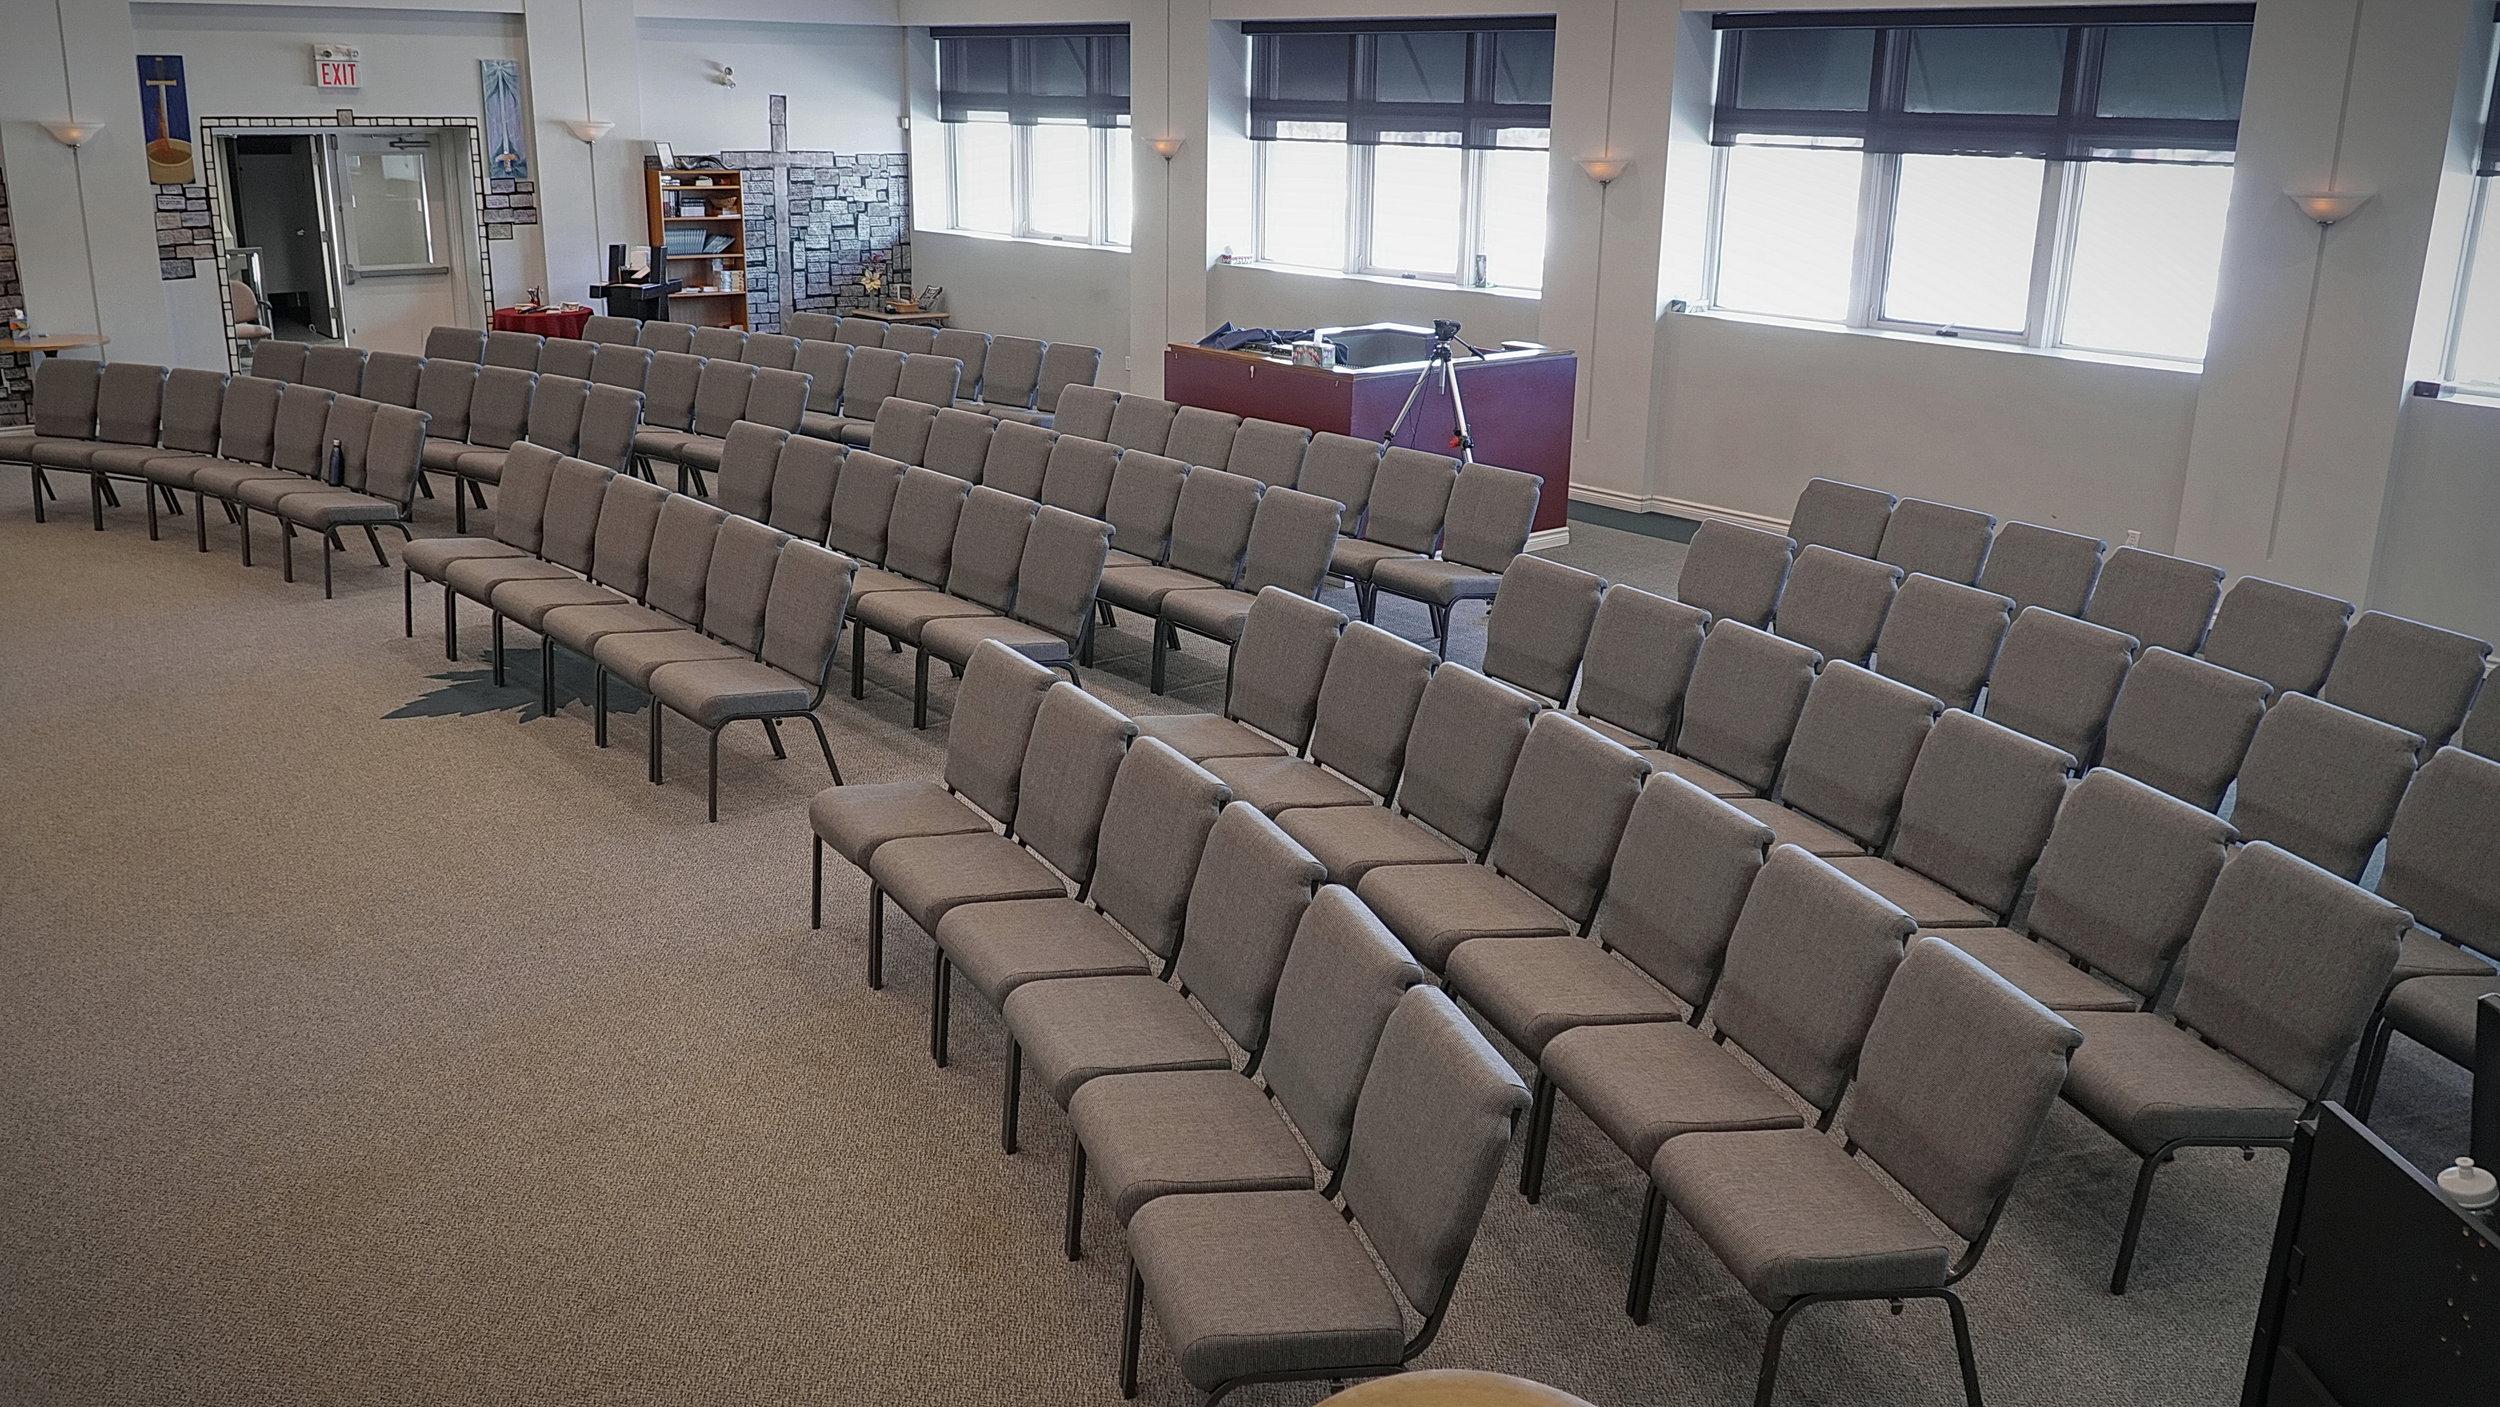 Whiteshell chairs at PCC 02.jpg